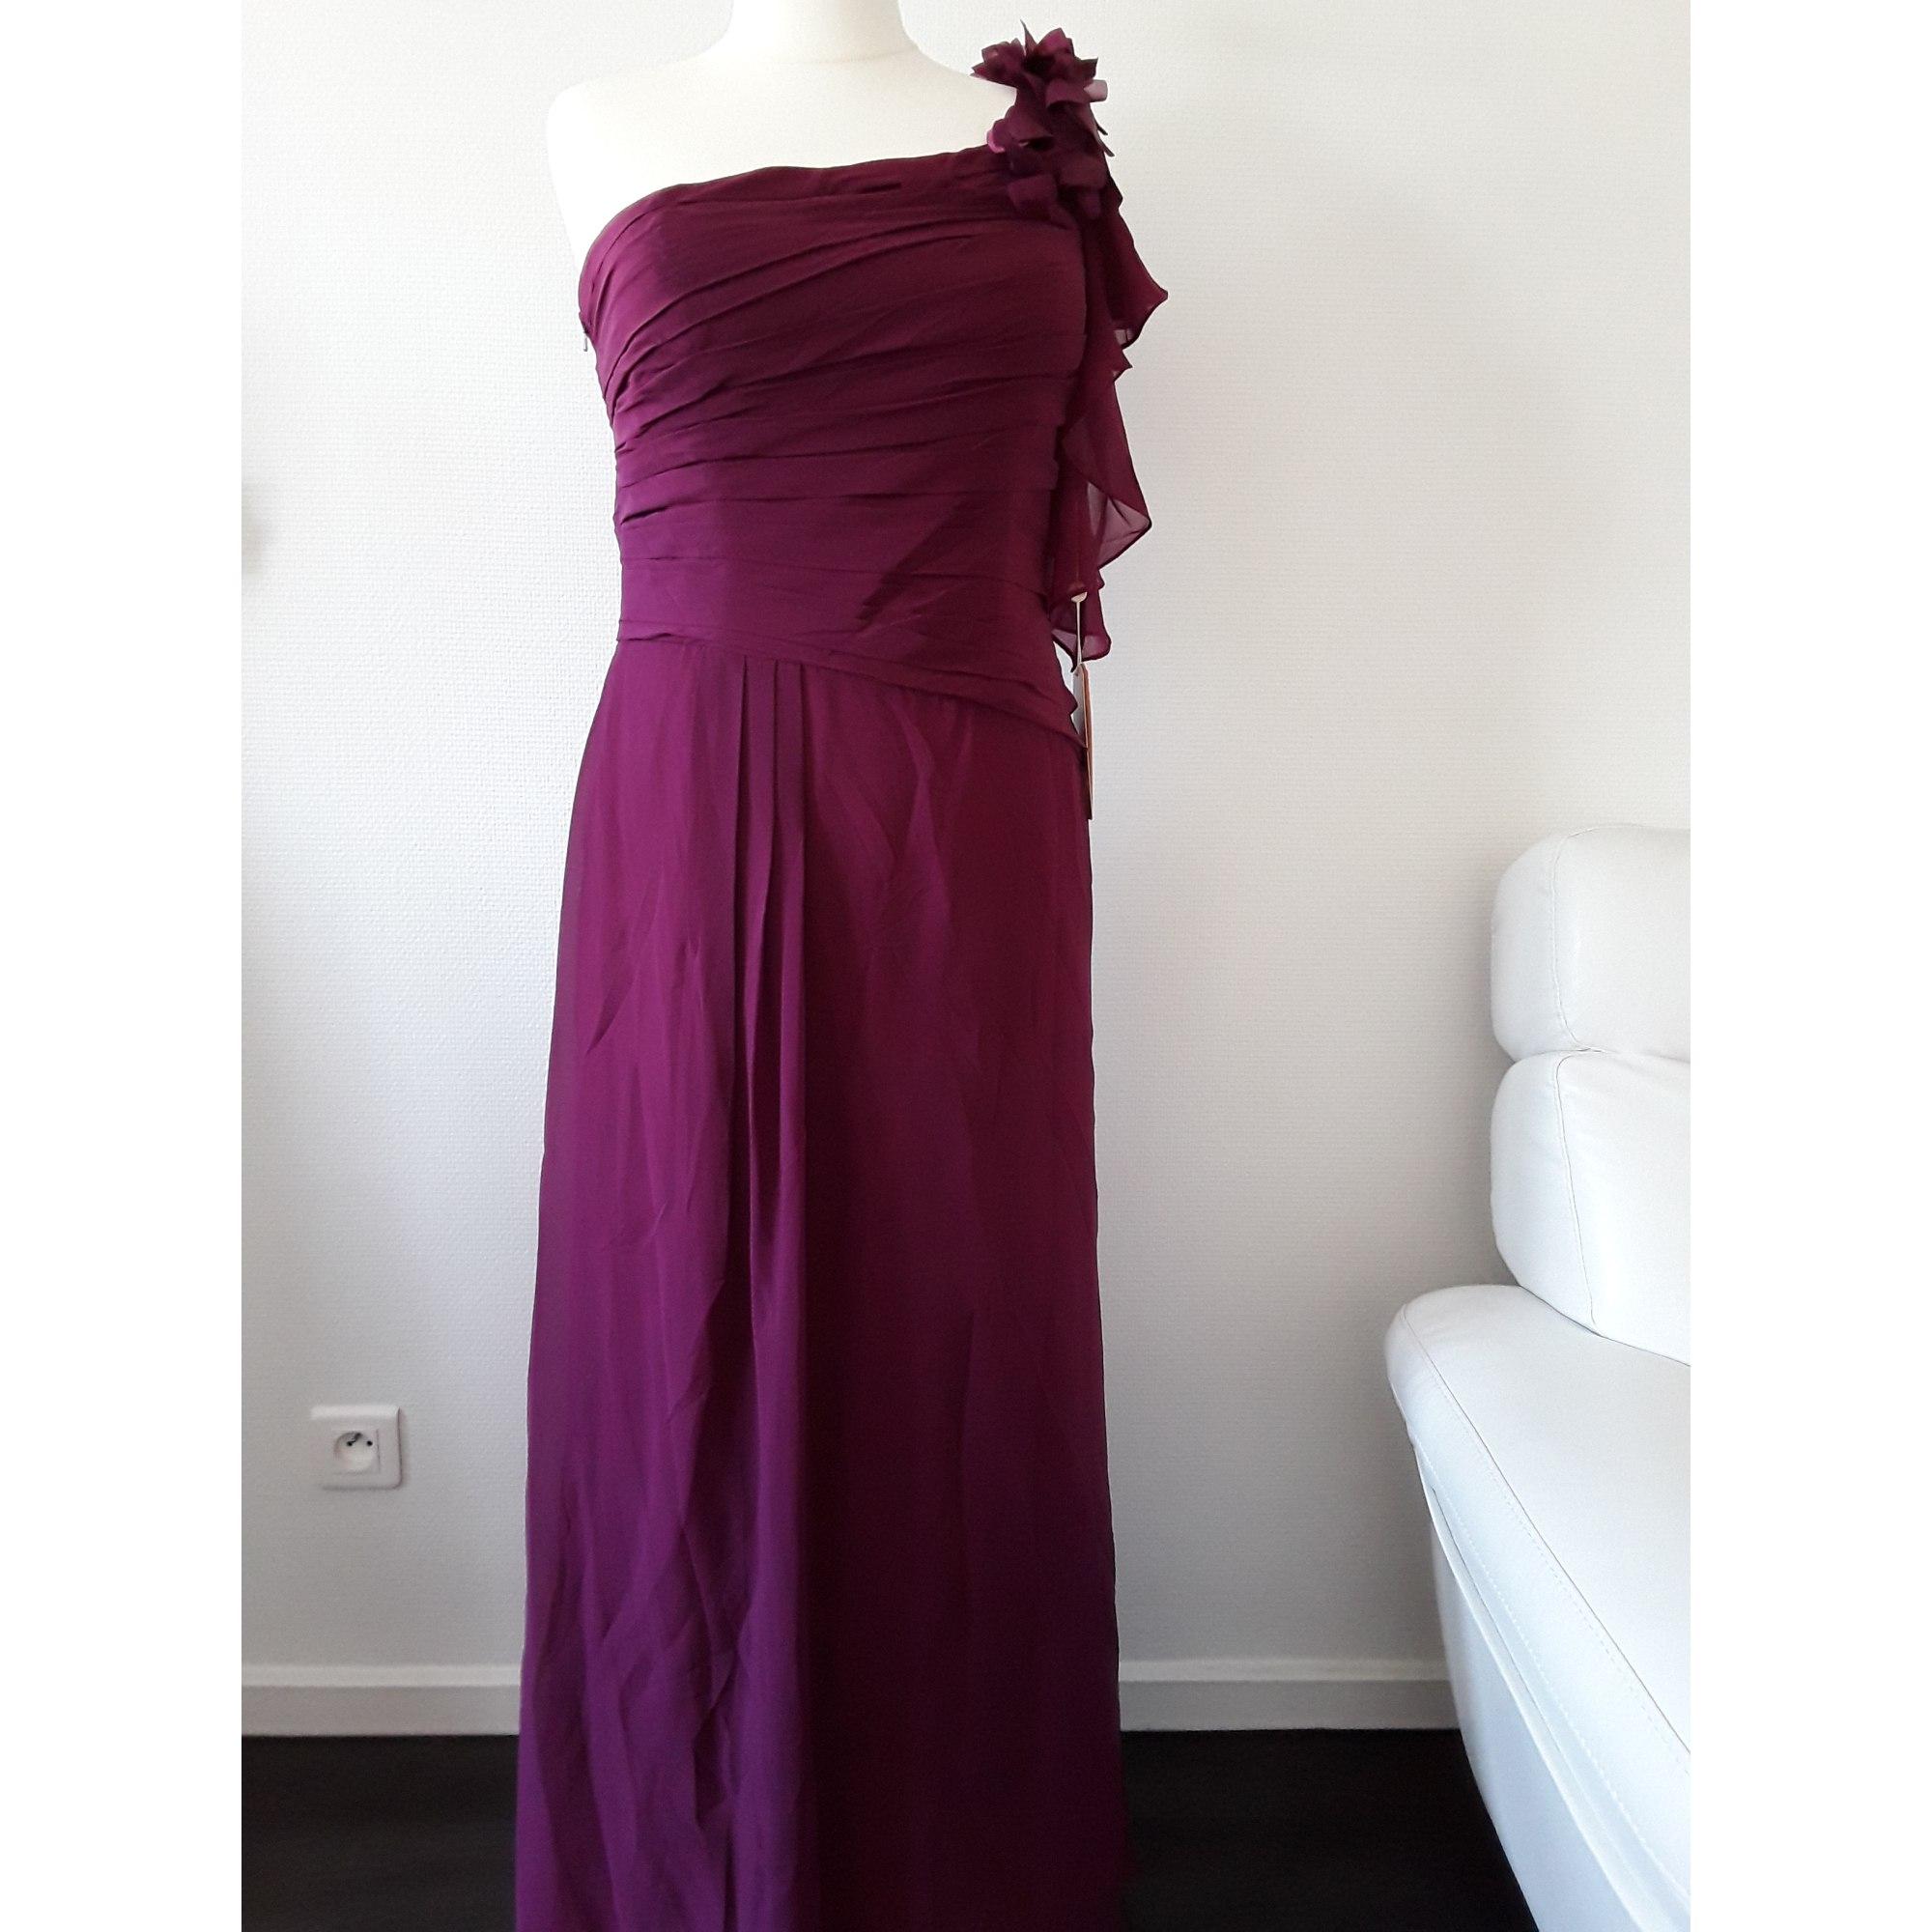 Robe longue EDRESSIT Prune et Rose Poudré